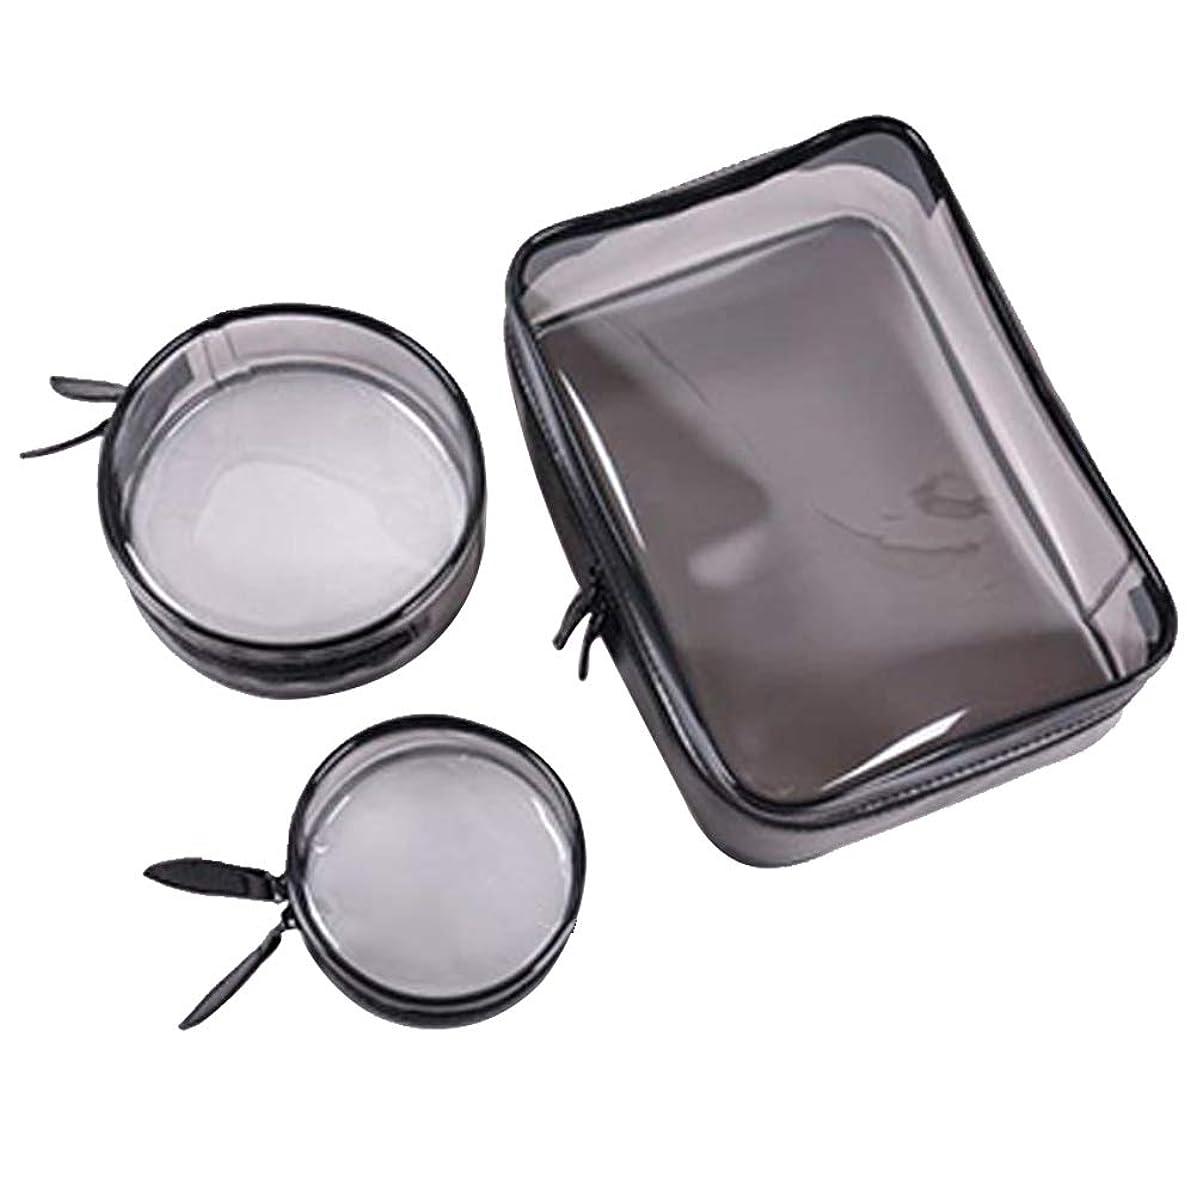 ごちそう失業安心させる化粧ポーチ メイクポーチ 透明化粧品バッグ PVC 防水ウォッシュバッグ 3個セット 旅行出張用 トイレタリー整理バッグ 旅行収納バッグ